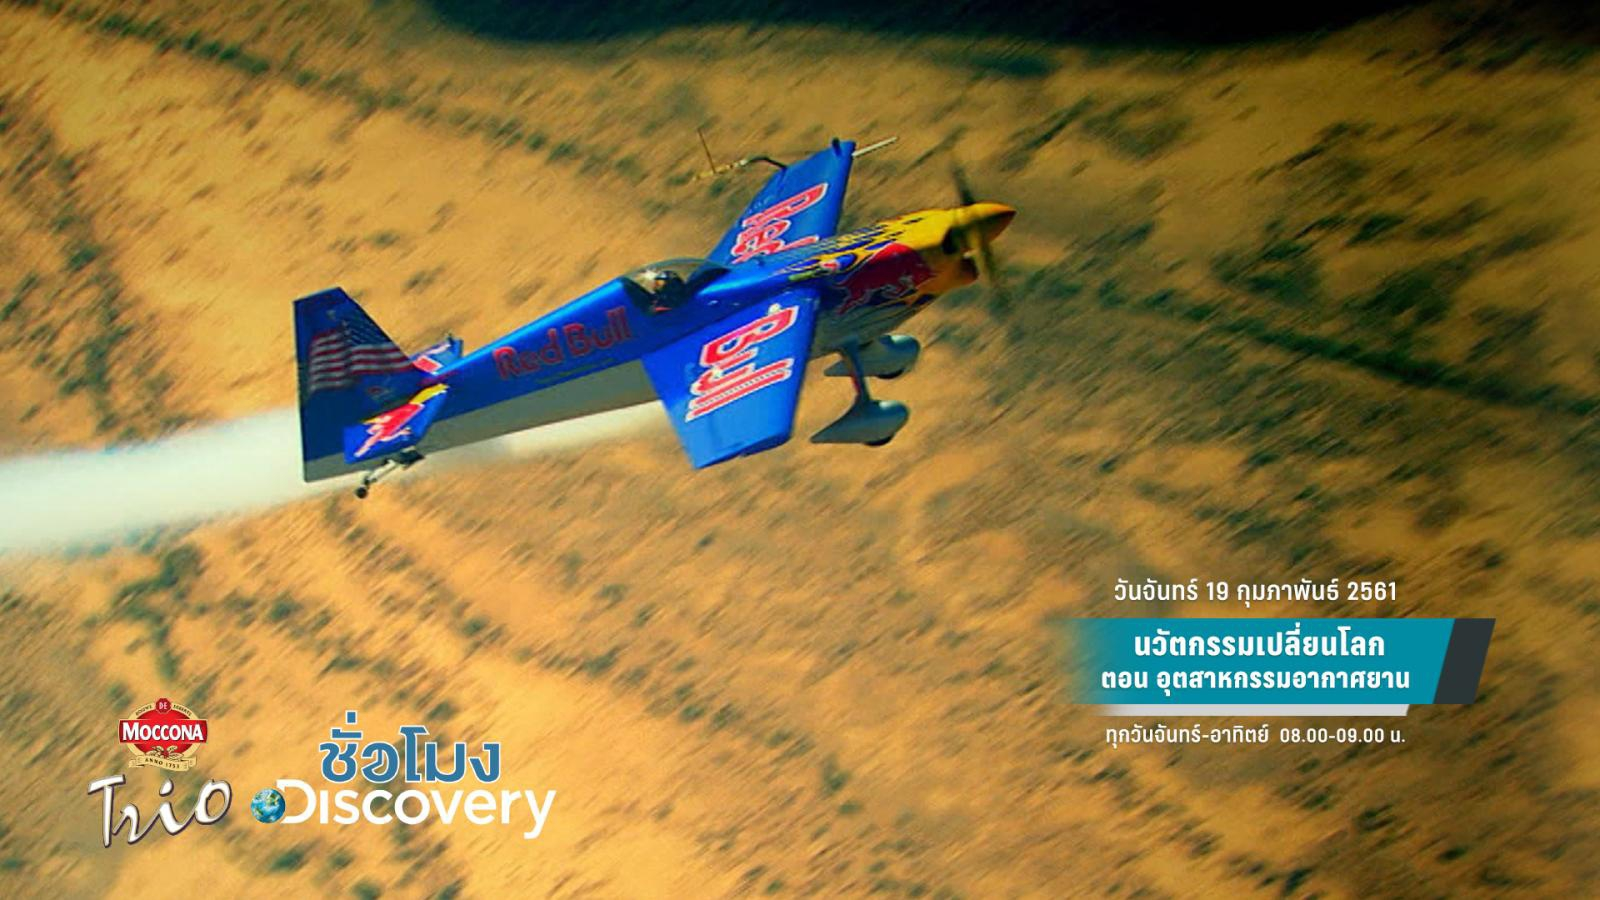 ชั่วโมง Discovery ตอน นวัตกรรมเปลี่ยนโลก